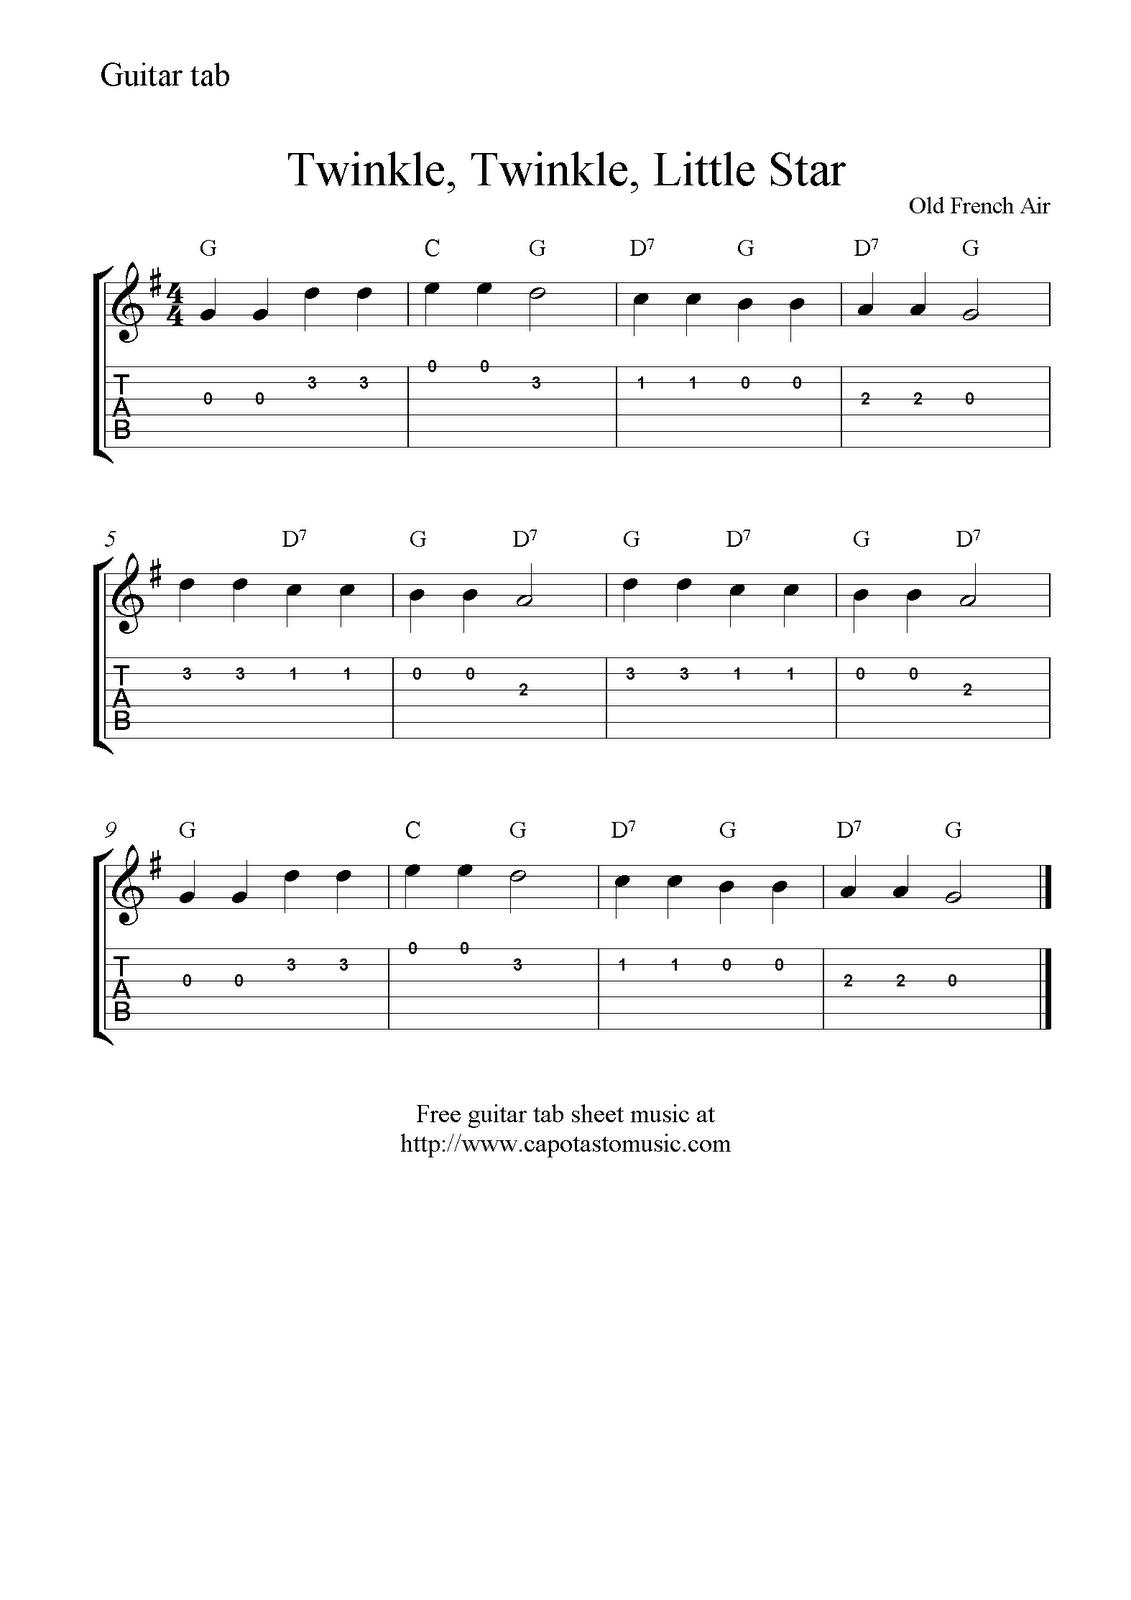 Twinkle, Twinkle, Little Star, free easy guitar tab sheet music